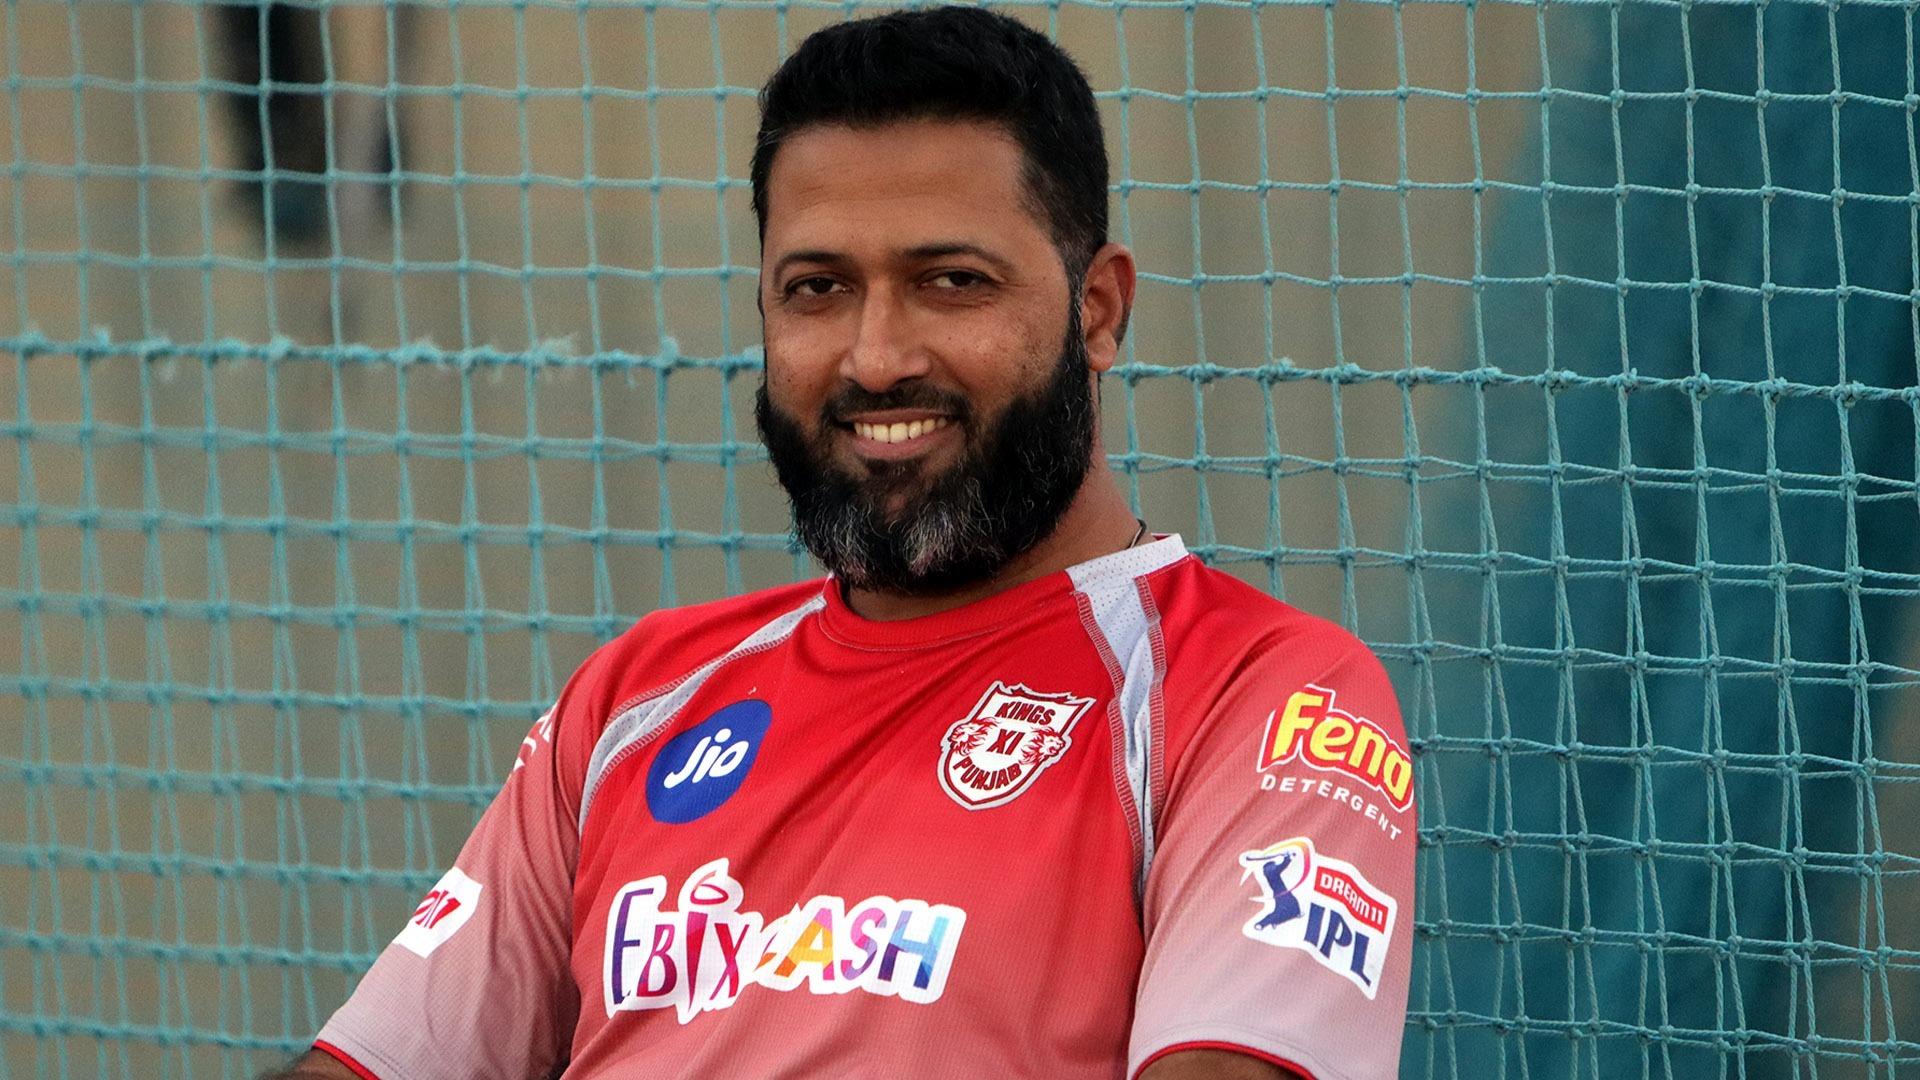 पूर्व भारतीय क्रिकेटर वसीम जाफ़र ने माता-पिता से की अपील, ऐसा कभी मत करें 3